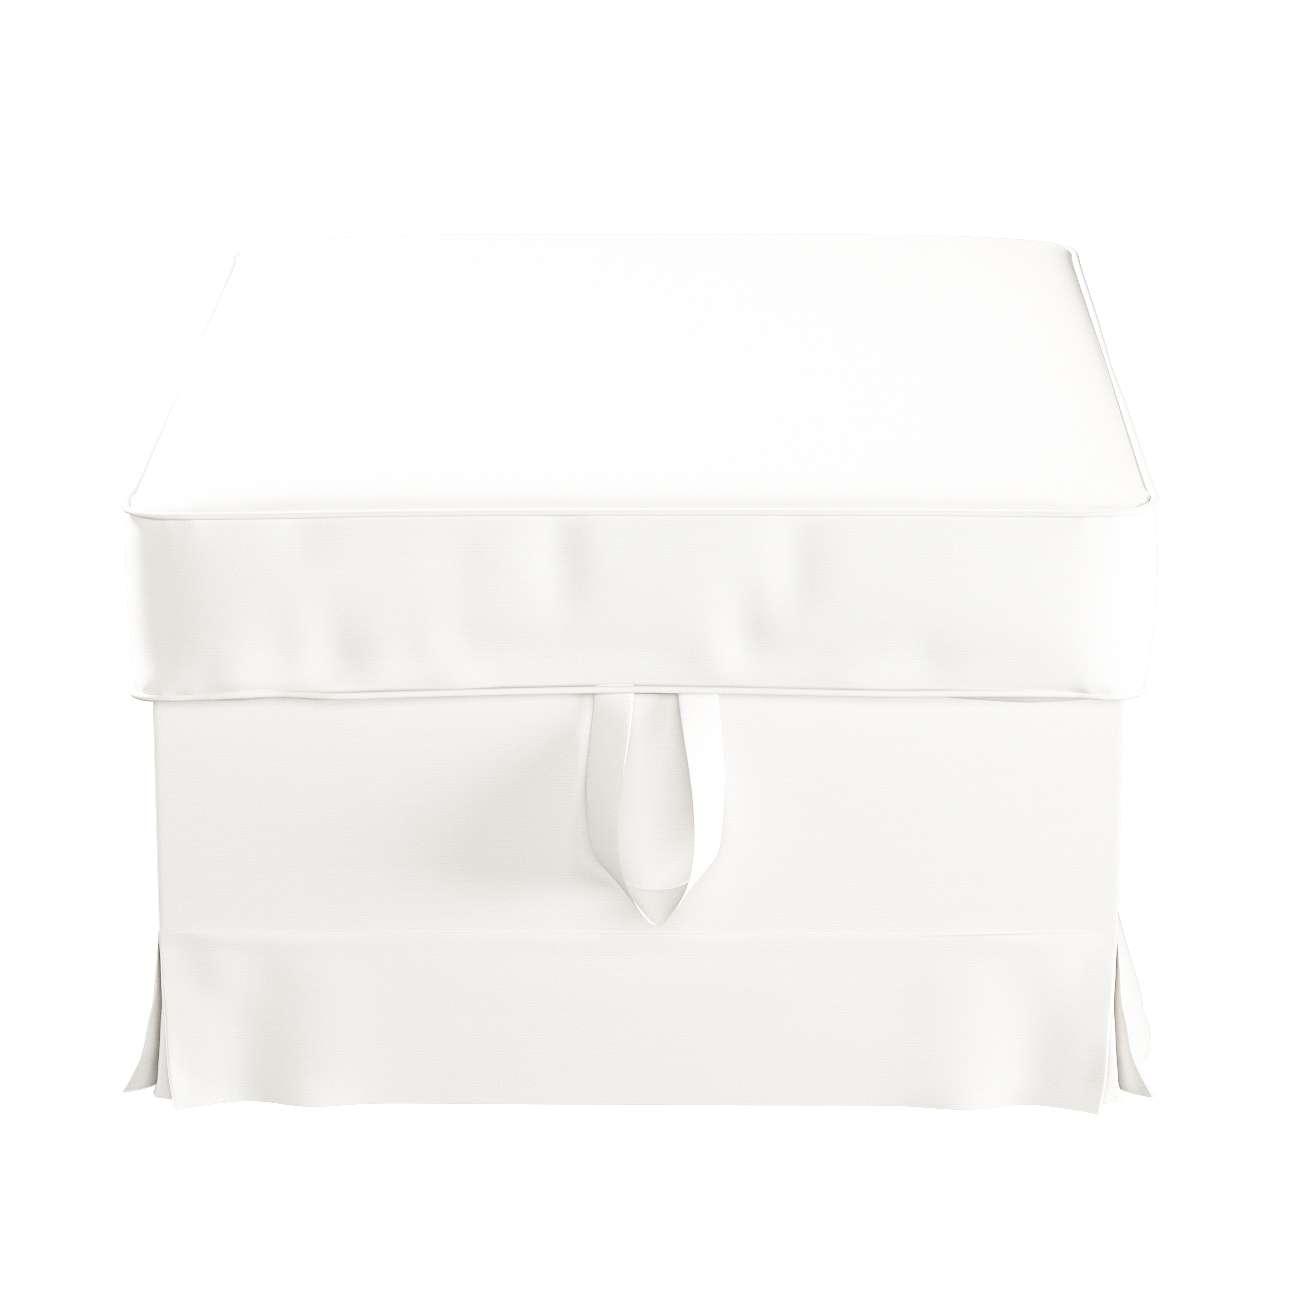 Pokrowiec na podnóżek Ektorp Bromma w kolekcji Cotton Panama, tkanina: 702-34